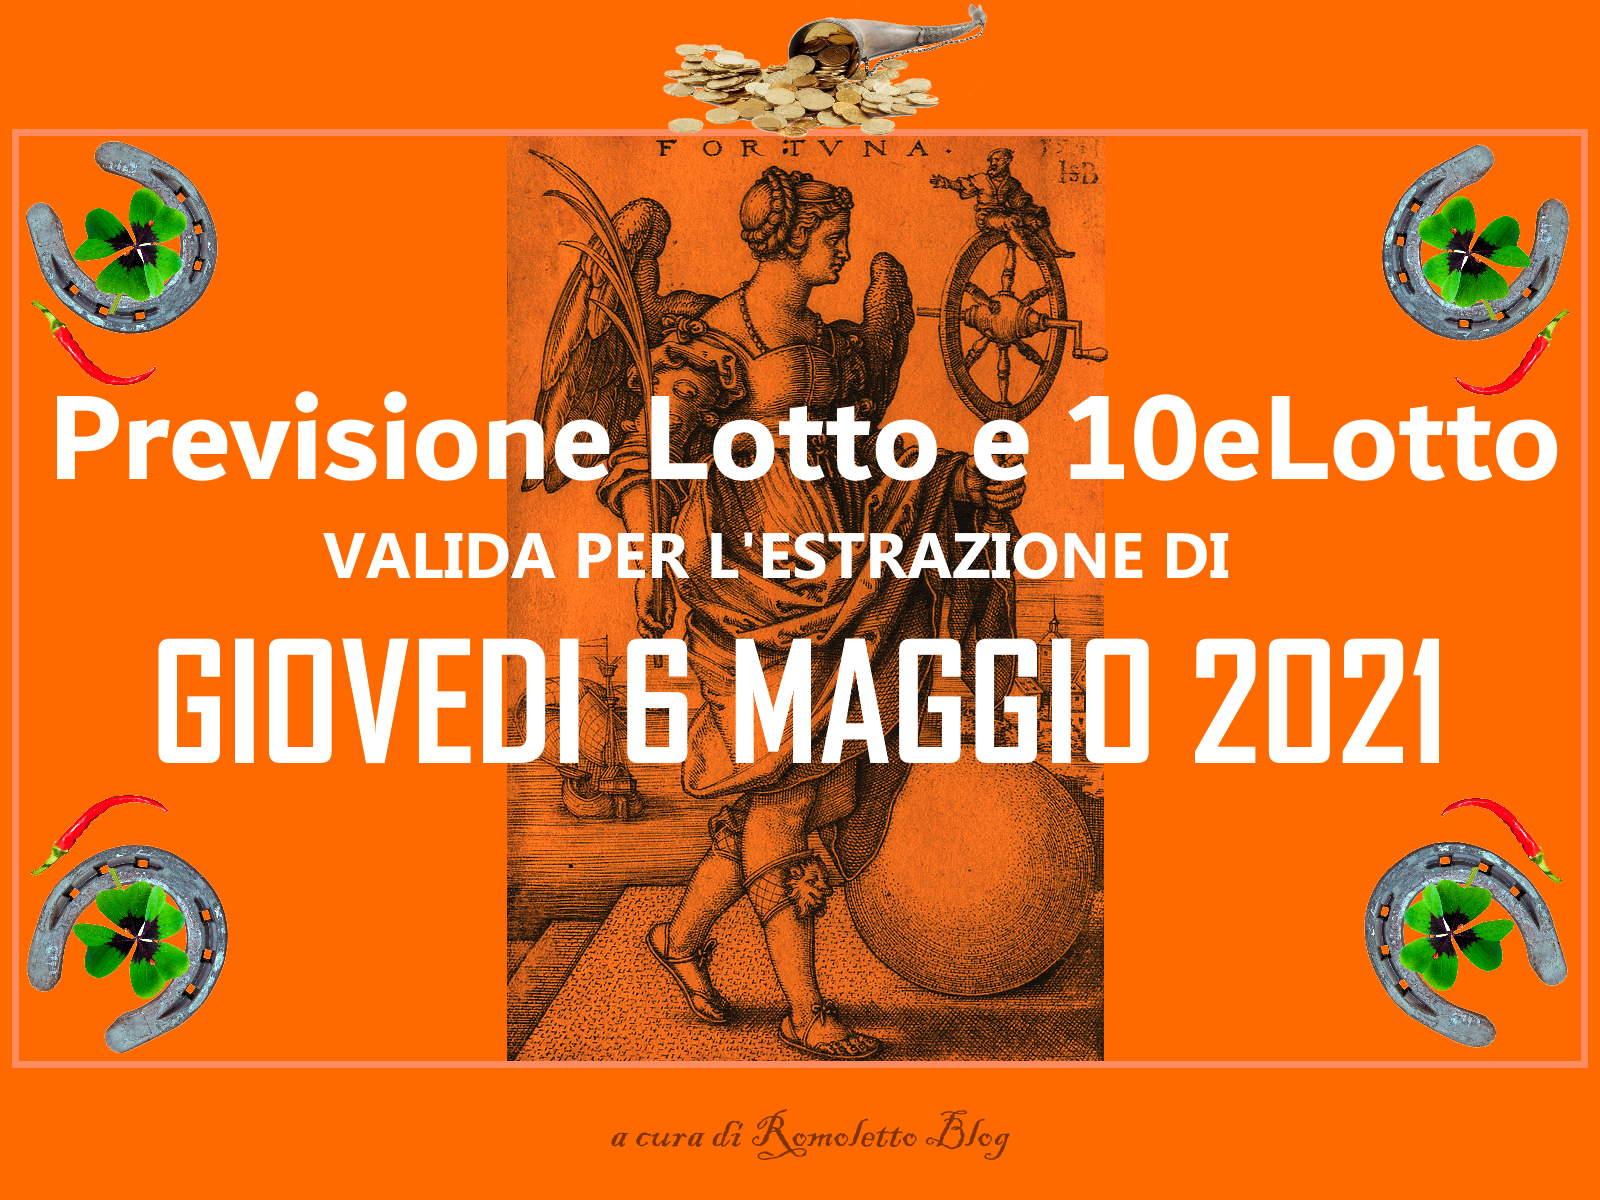 Previsione Lotto 6 Maggio 2021